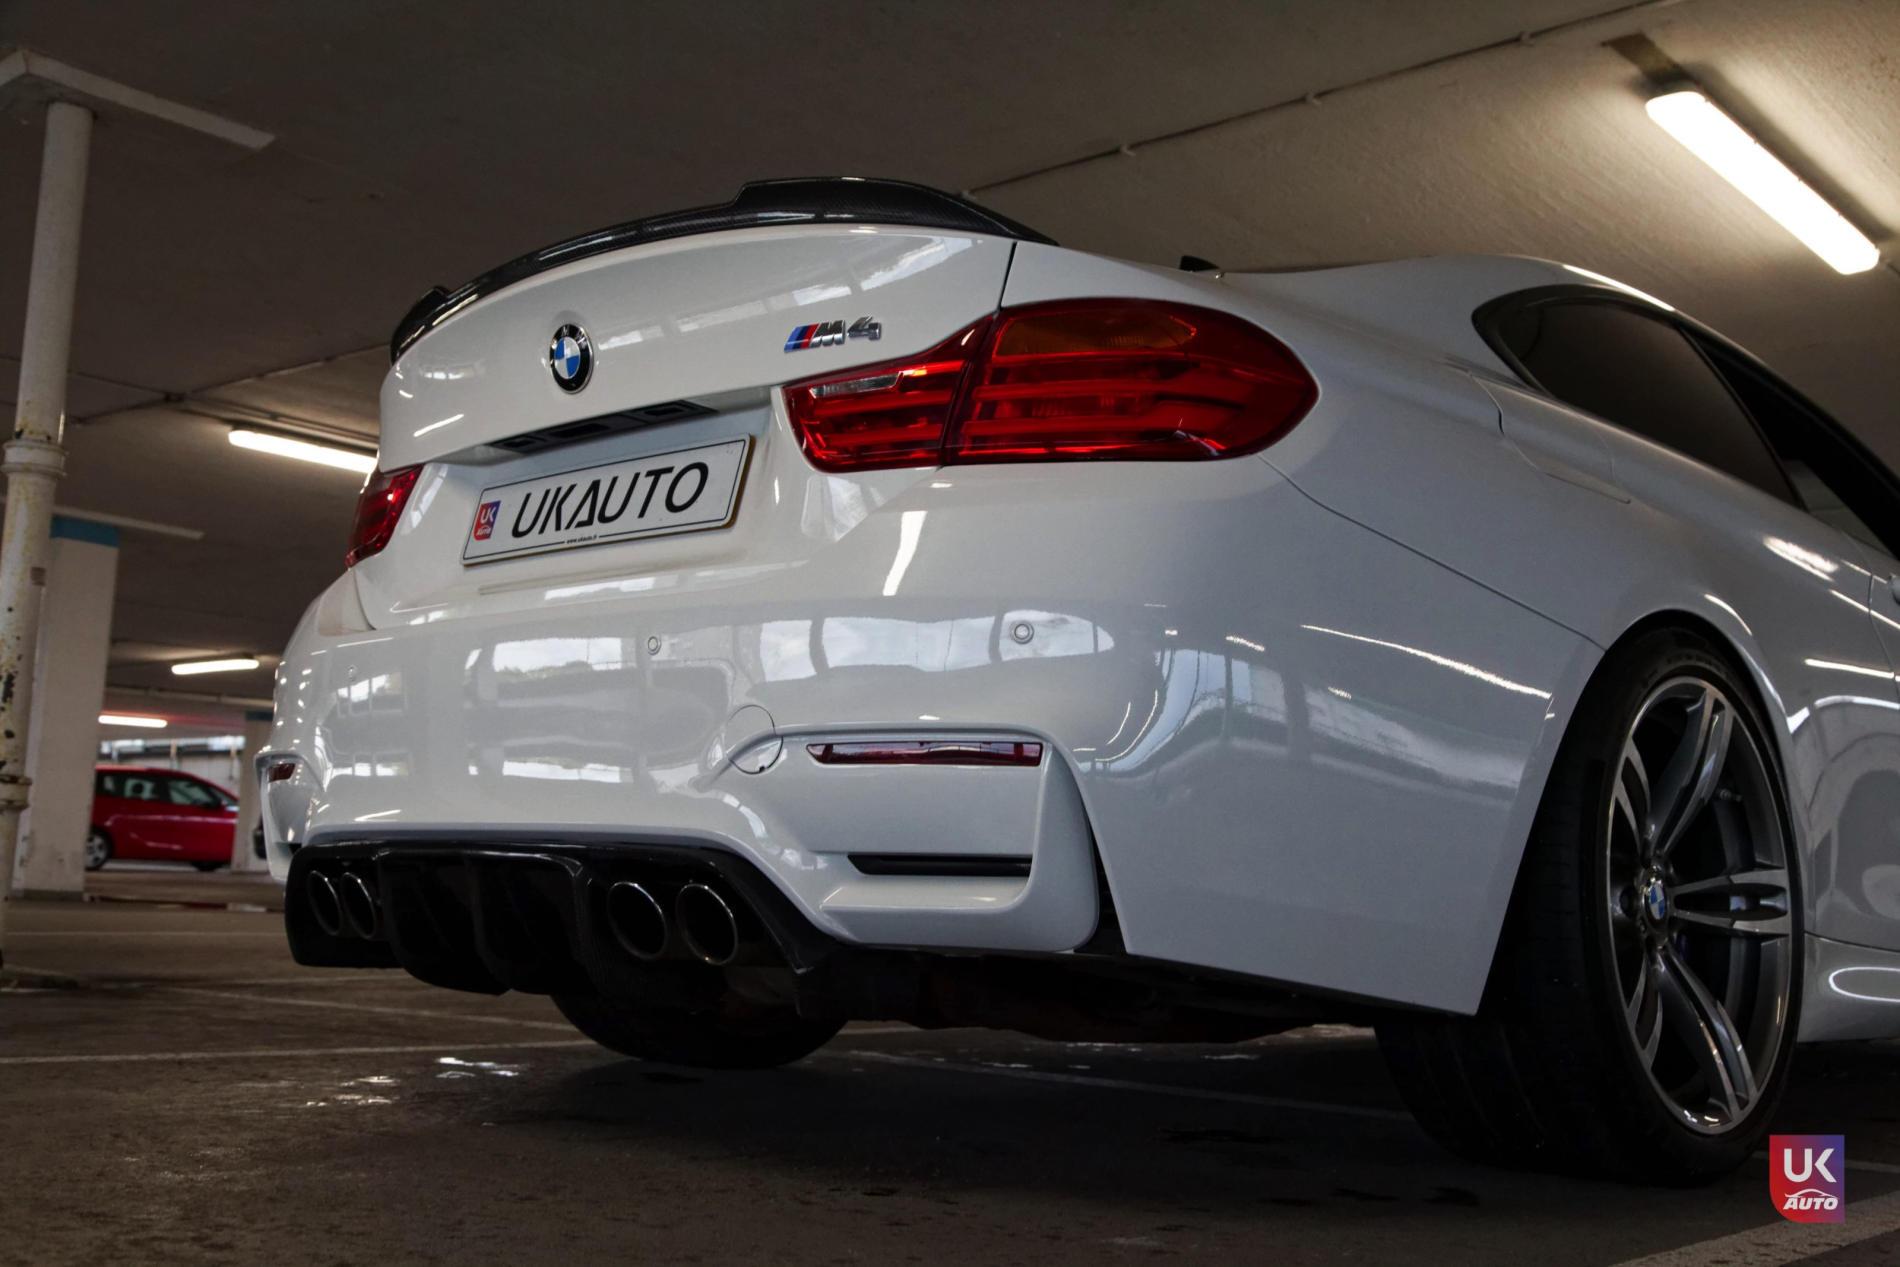 BMW M4 UK IMPORTATION M4 ANGLETERRE LIVRAISON DE CETTE BMW POUR NOTRE CLIENT POUR CETTE M4 RHD PAR UKAUTO4 - BMW M4 UK IMPORTATION M4 ANGLETERRE LIVRAISON DE CETTE BMW POUR NOTRE CLIENT POUR CETTE M4 RHD FELICITATION A FLORIAN